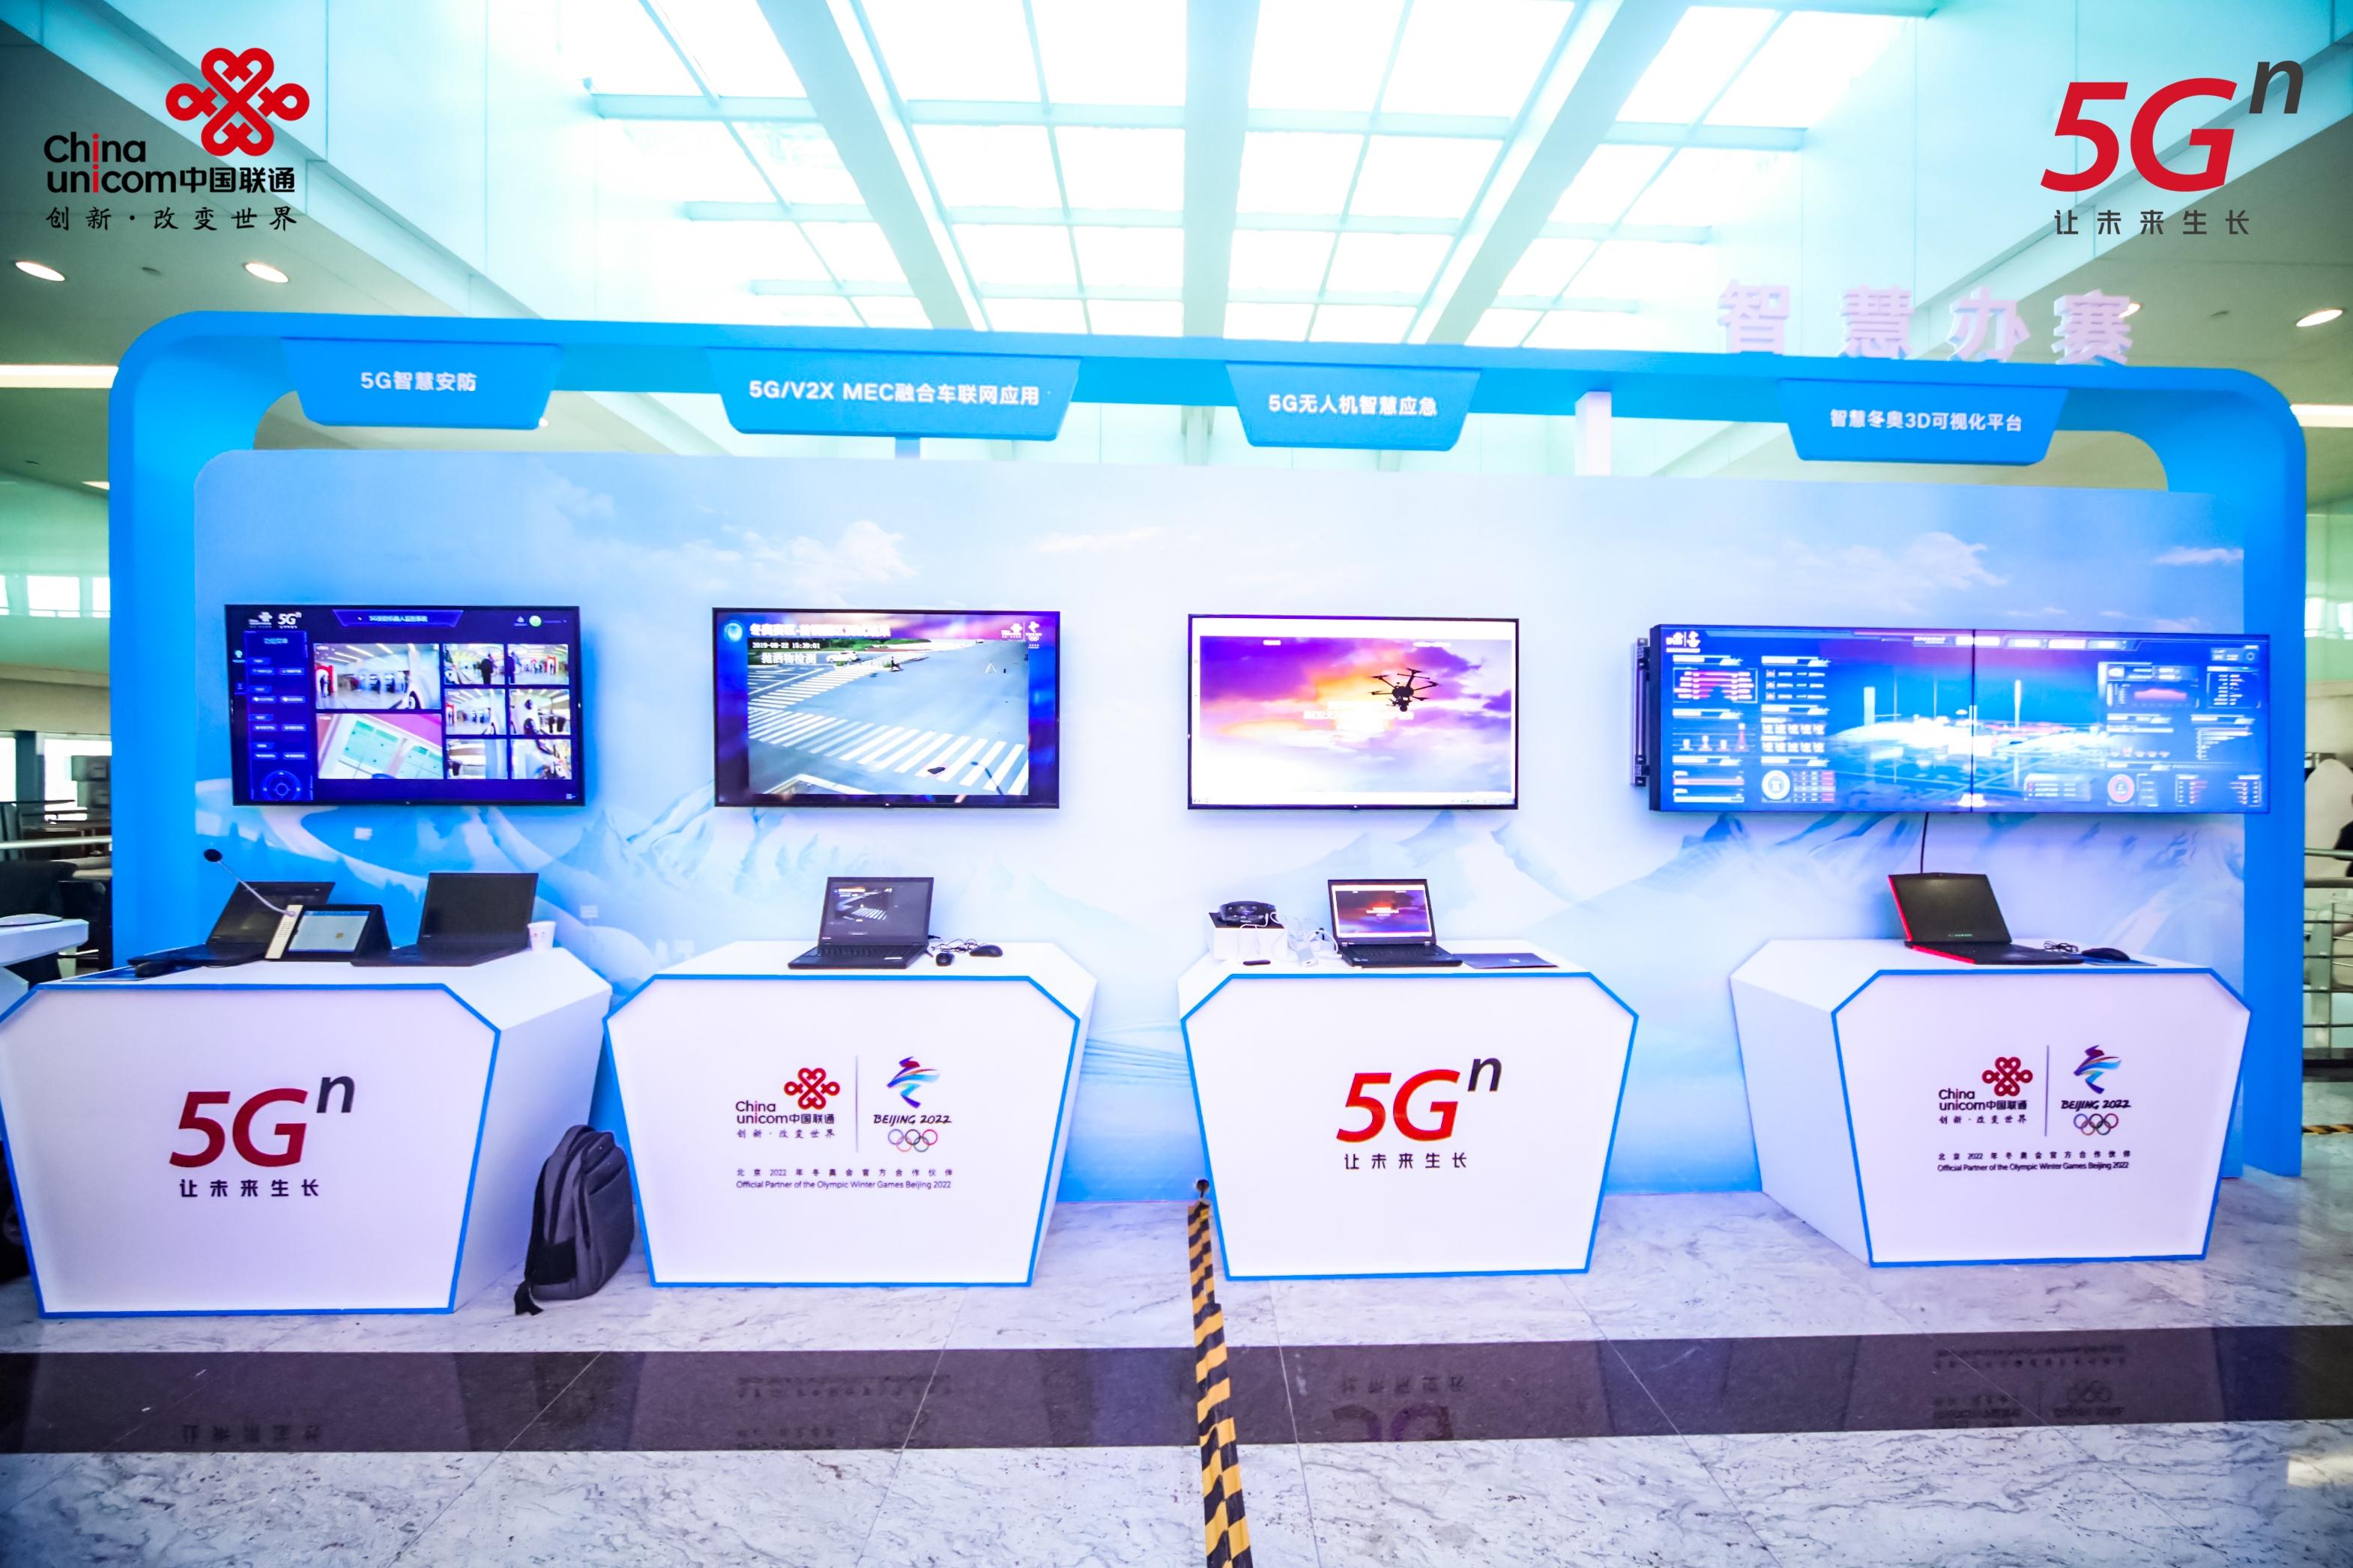 中国联通打造三大场景十大应用 智慧冬奥未来可期插图